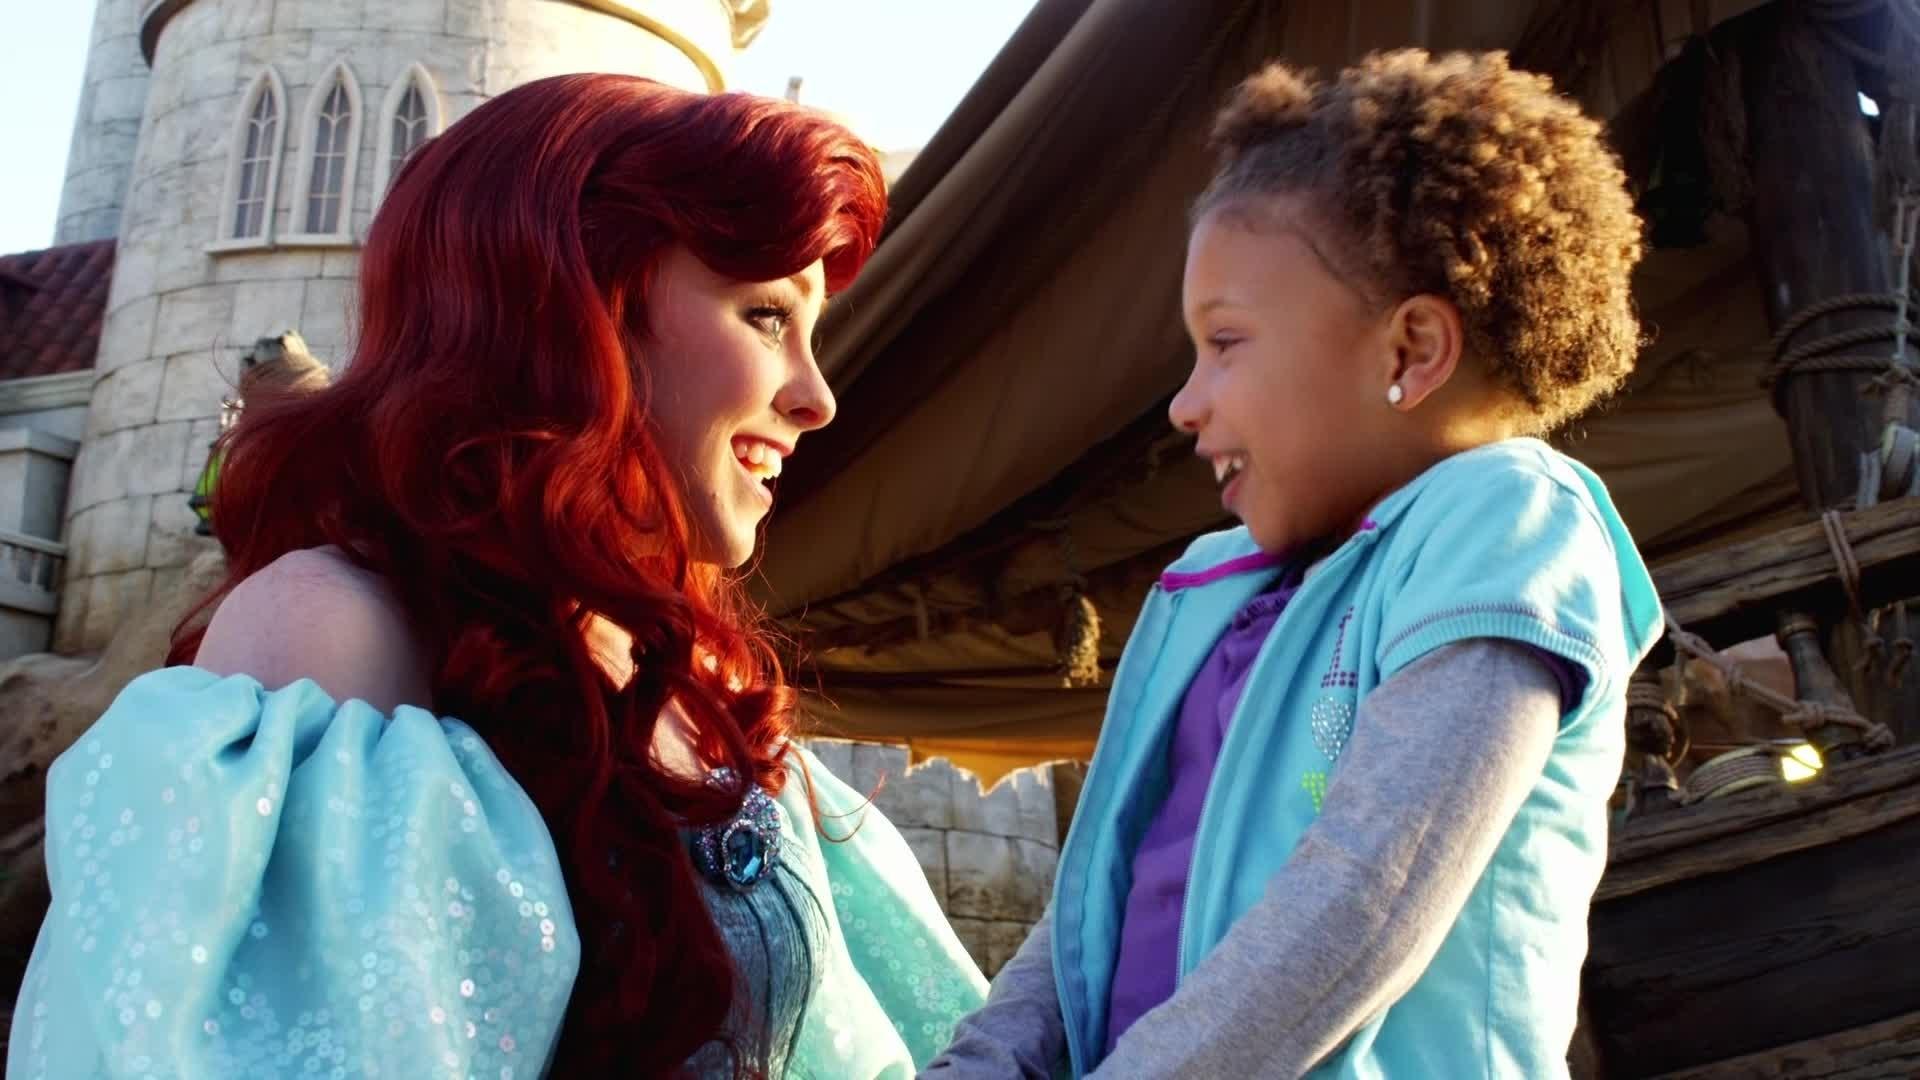 Följ dina drömmar - Ariel